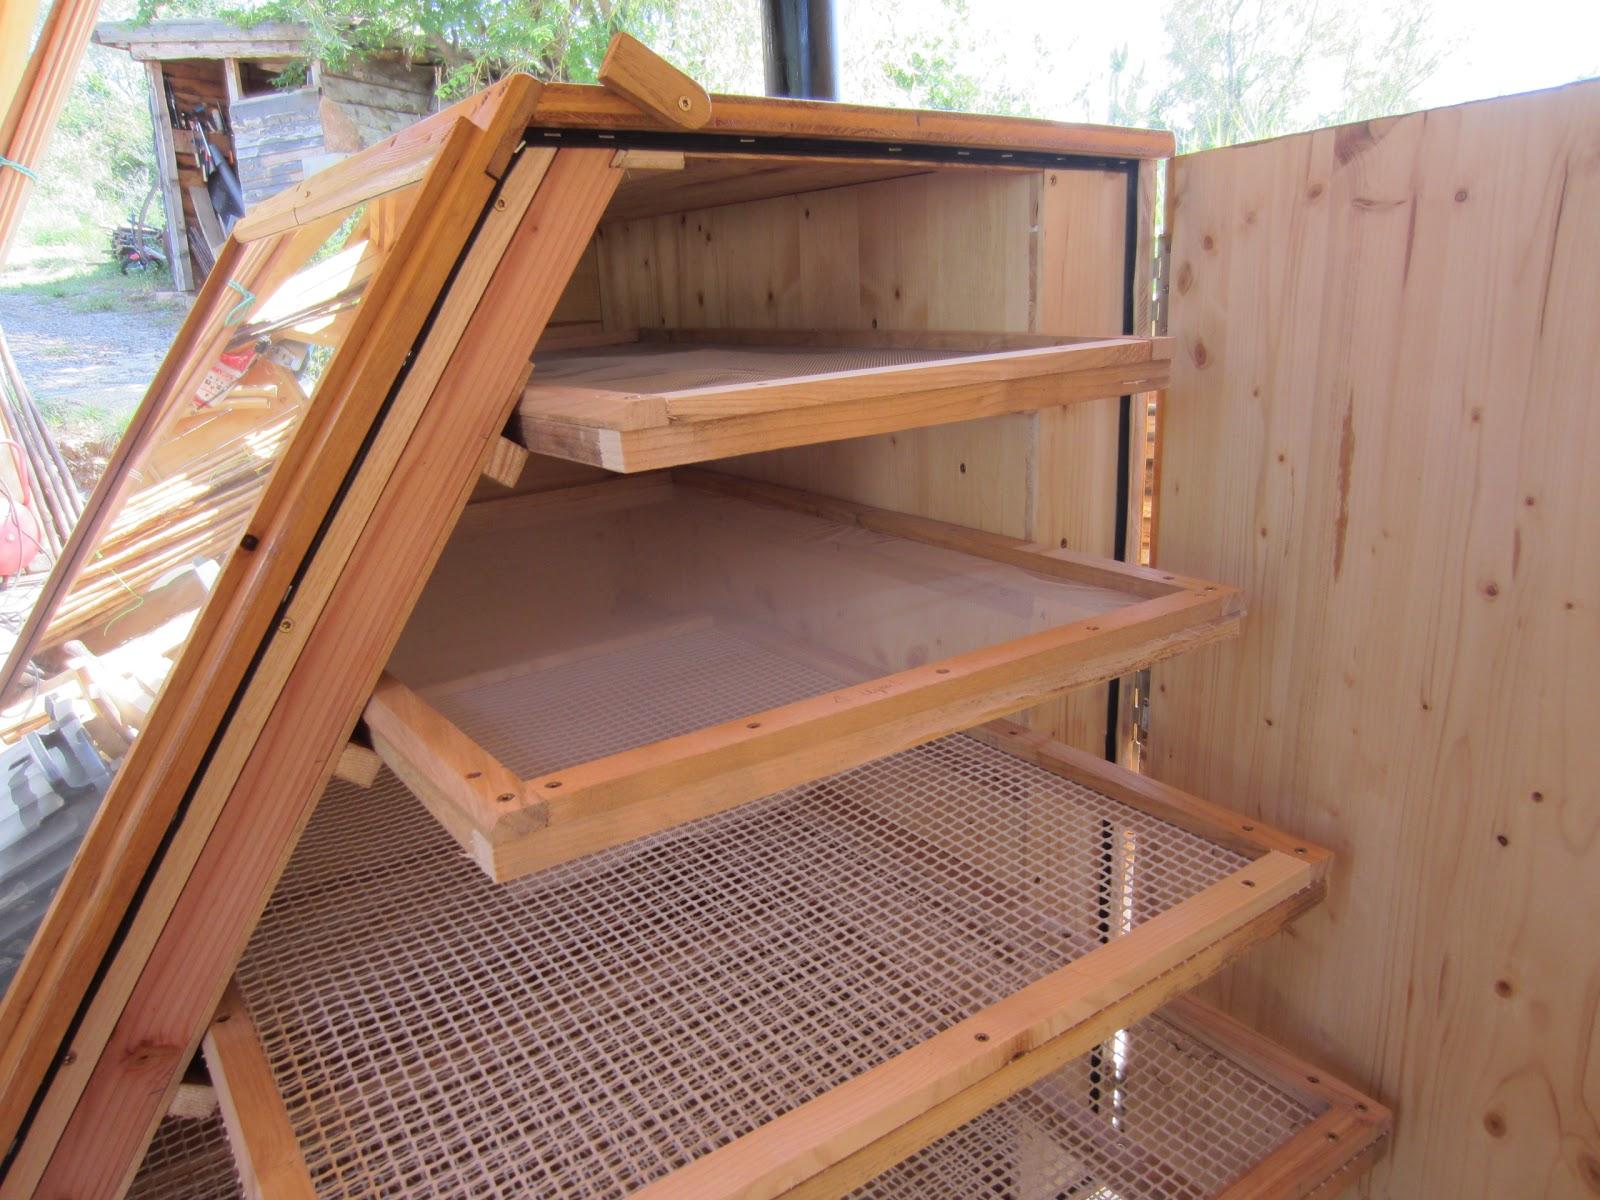 l 39 atelier des coureurs des bois fabrication d 39 un s choir solaire. Black Bedroom Furniture Sets. Home Design Ideas